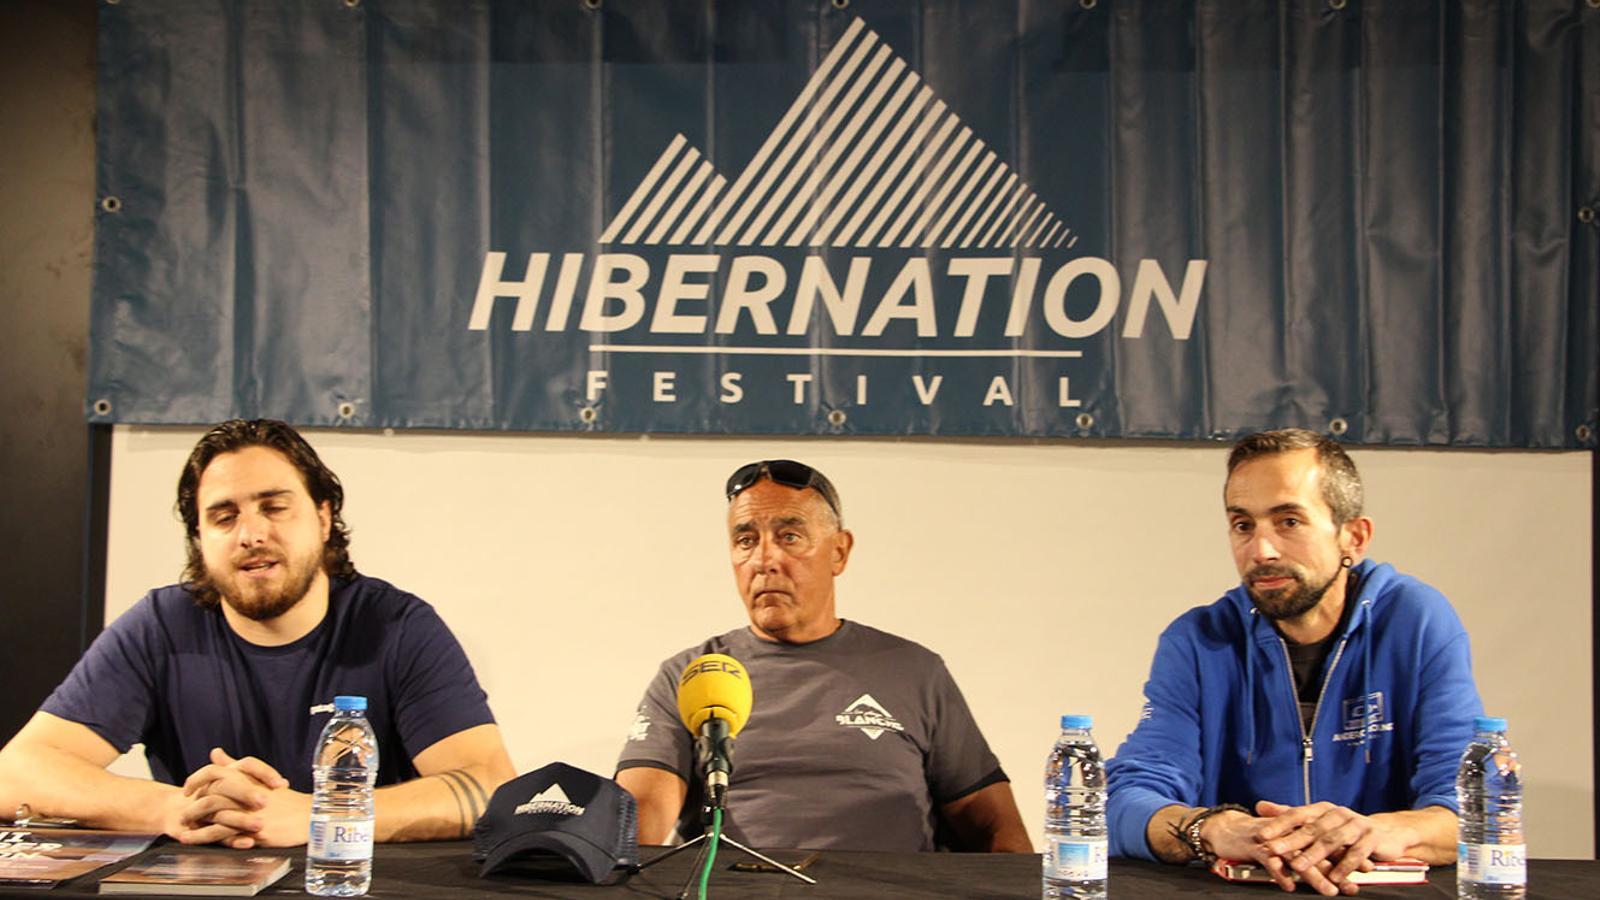 Un moment de la presentació de la tercera edició del festival Hibernation. / B. N.